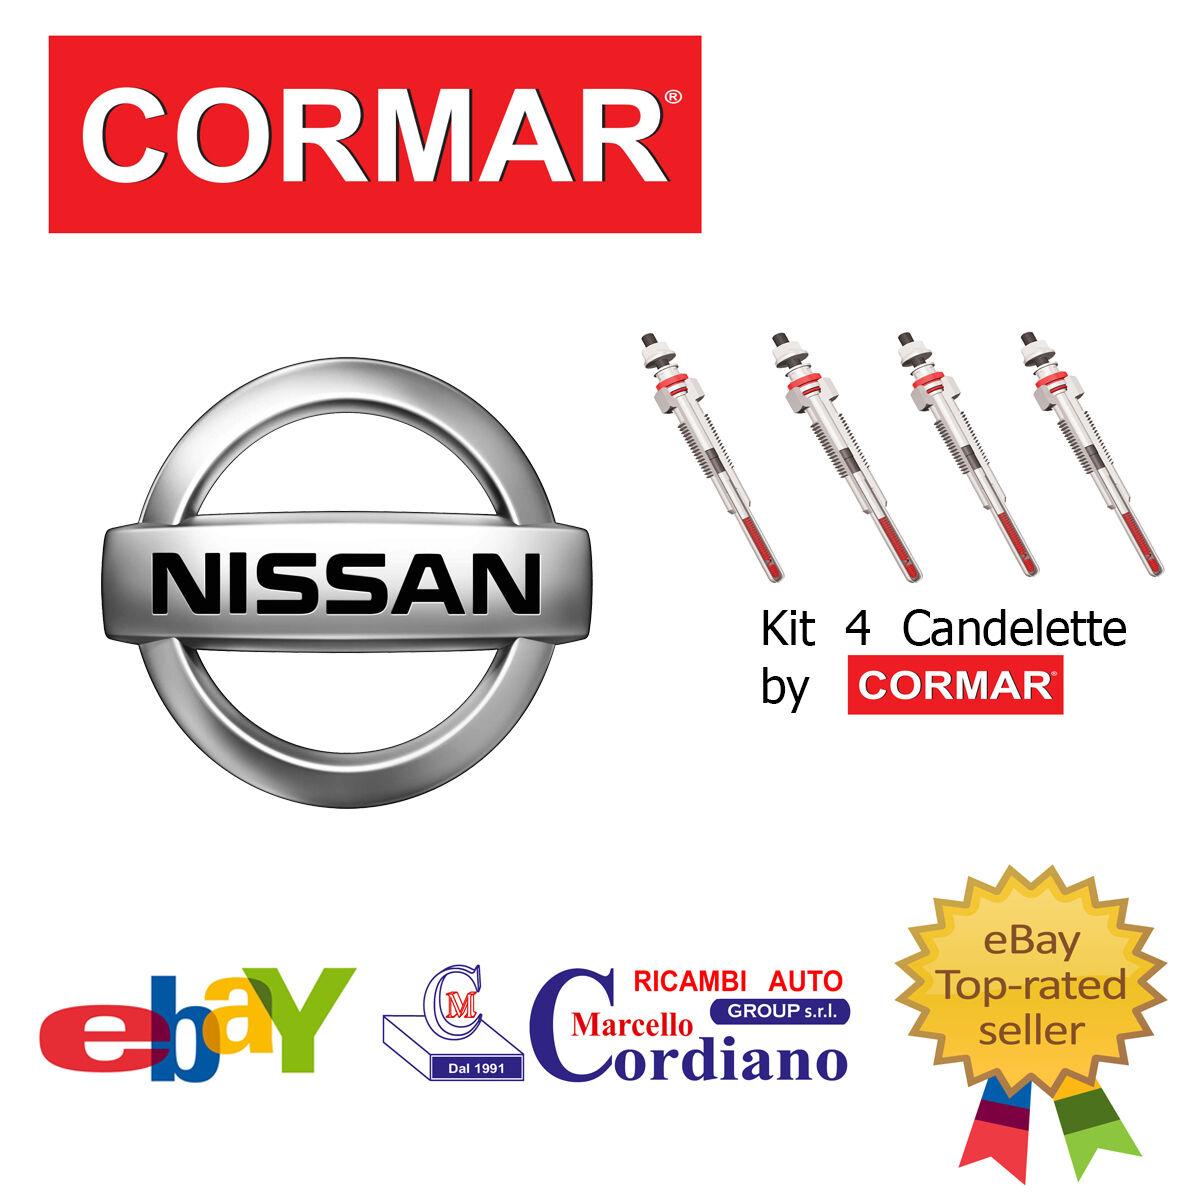 KIT 4 CANDELETTE QASHQAI J10 1.5 DCI 81KW 110CV 2010 GE110